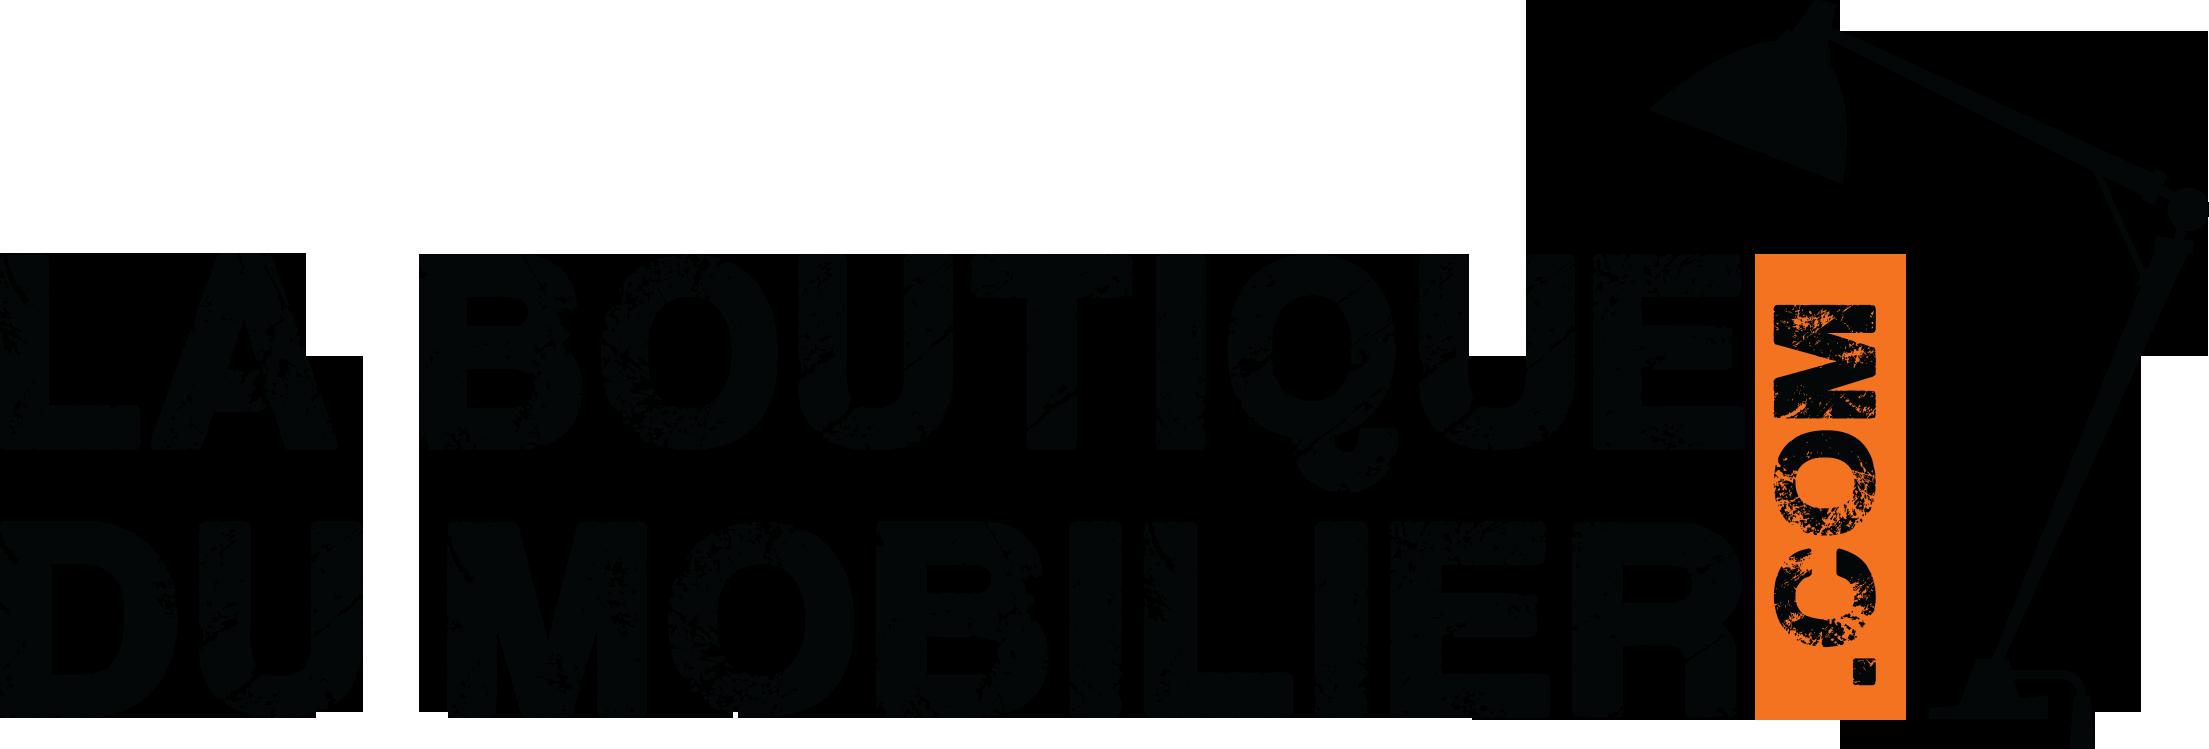 Magasin meuble et décoration Aubervilliers - La boutique du mobilier